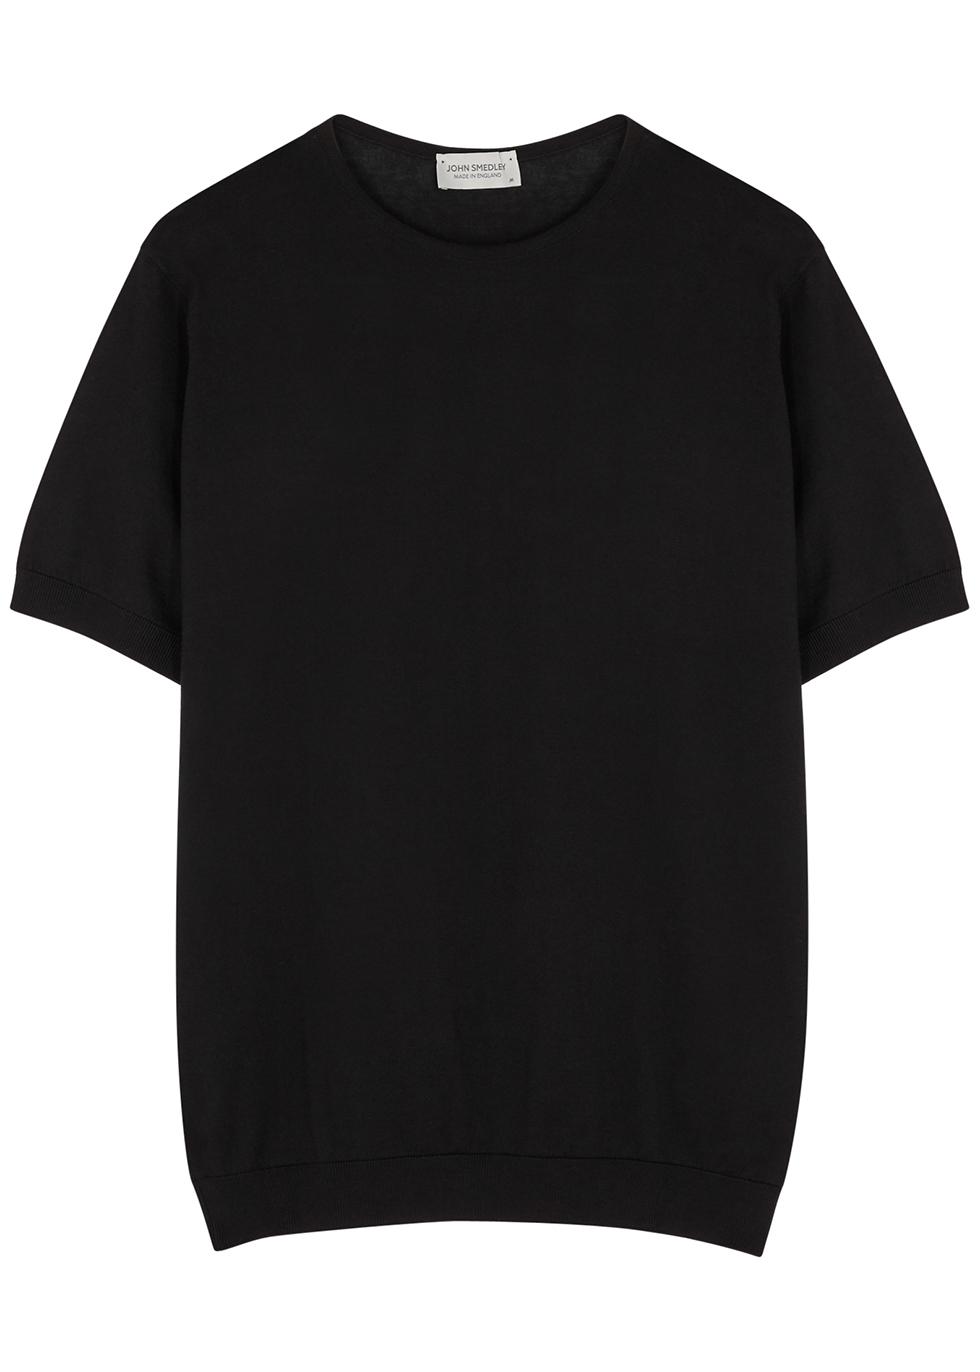 Belden black knitted cotton T-shirt